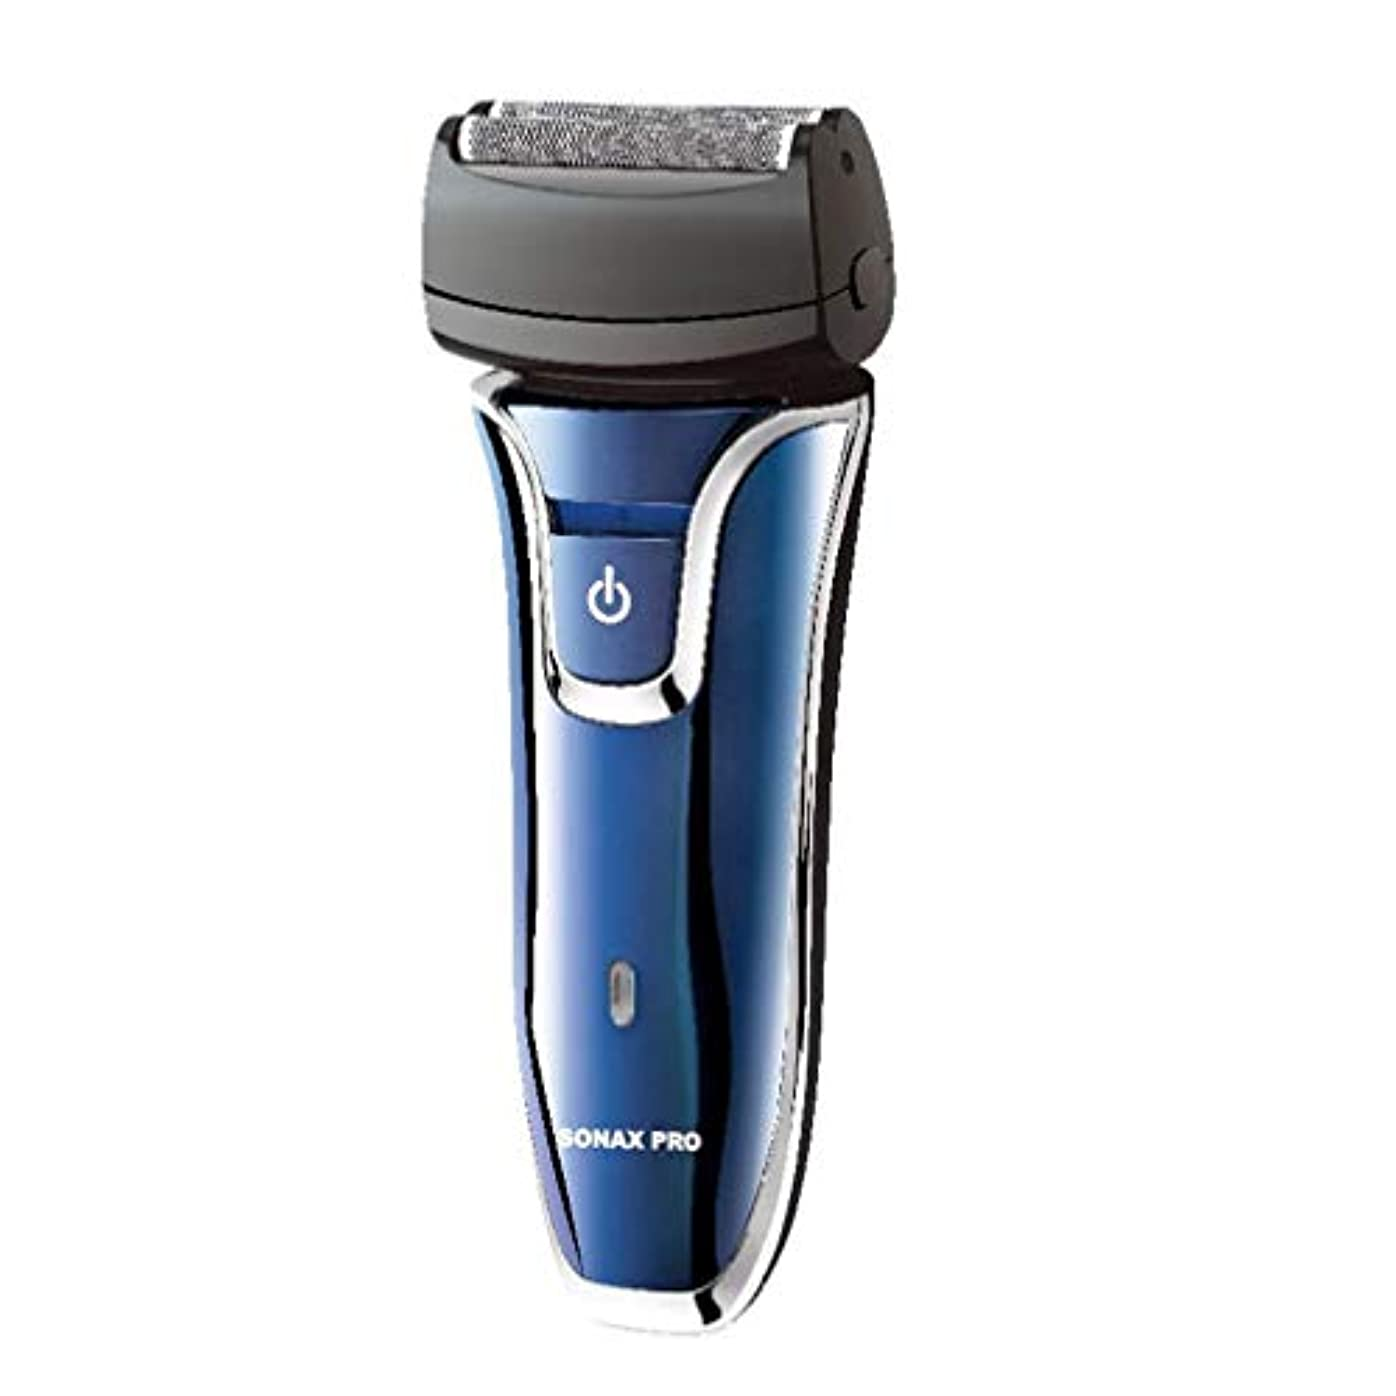 Sonax Proの電気かみそり往復ダブルメッシュシェービングナイフ男充電式髭ナイフN-7722の場合